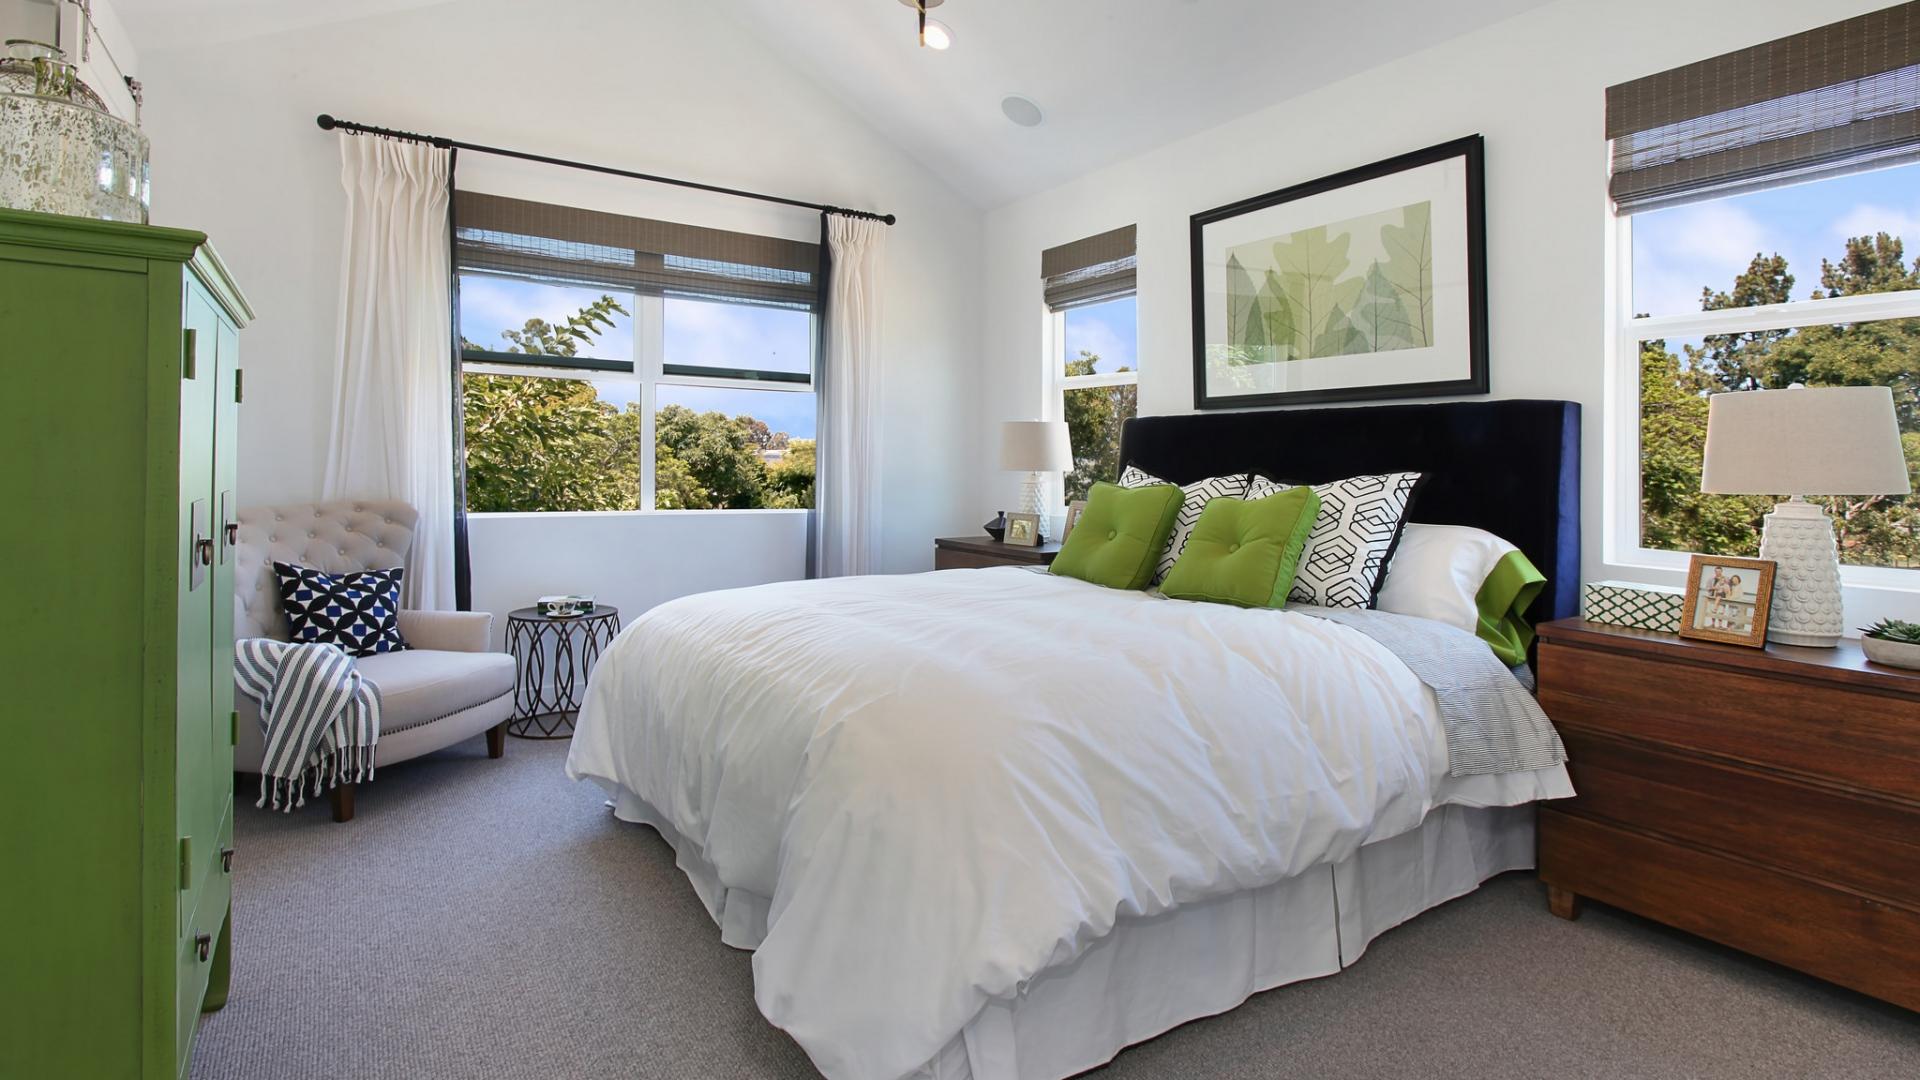 Nekoliko saveta za čiste i zdrave spavaće sobe